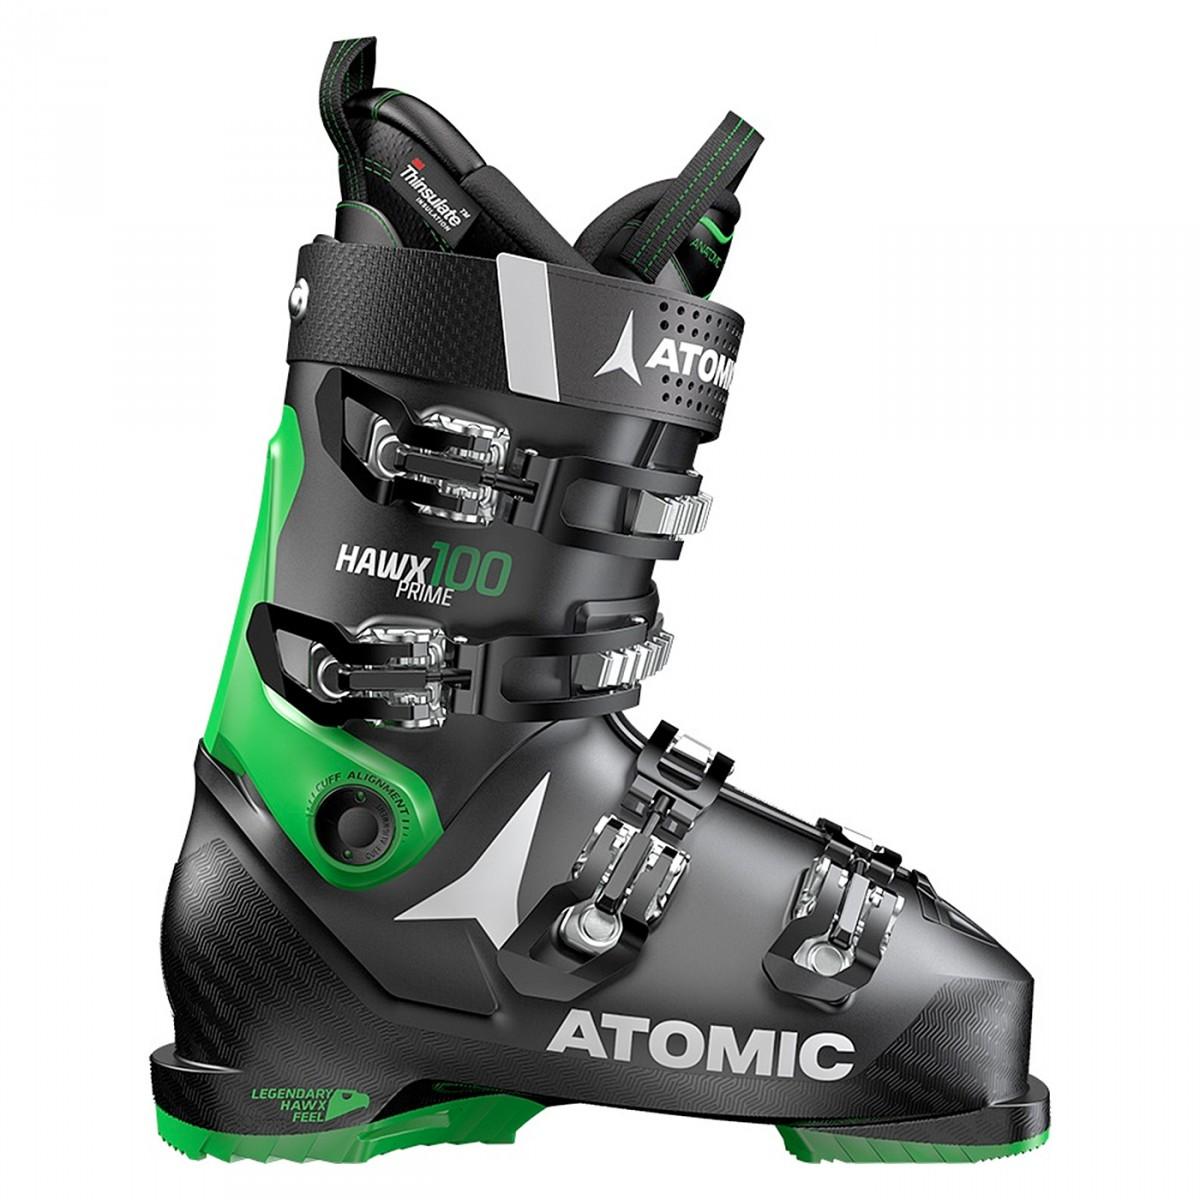 Scarponi sci Atomic Hawx Prime (Colore: nero-verde, Taglia: 29/29.5)